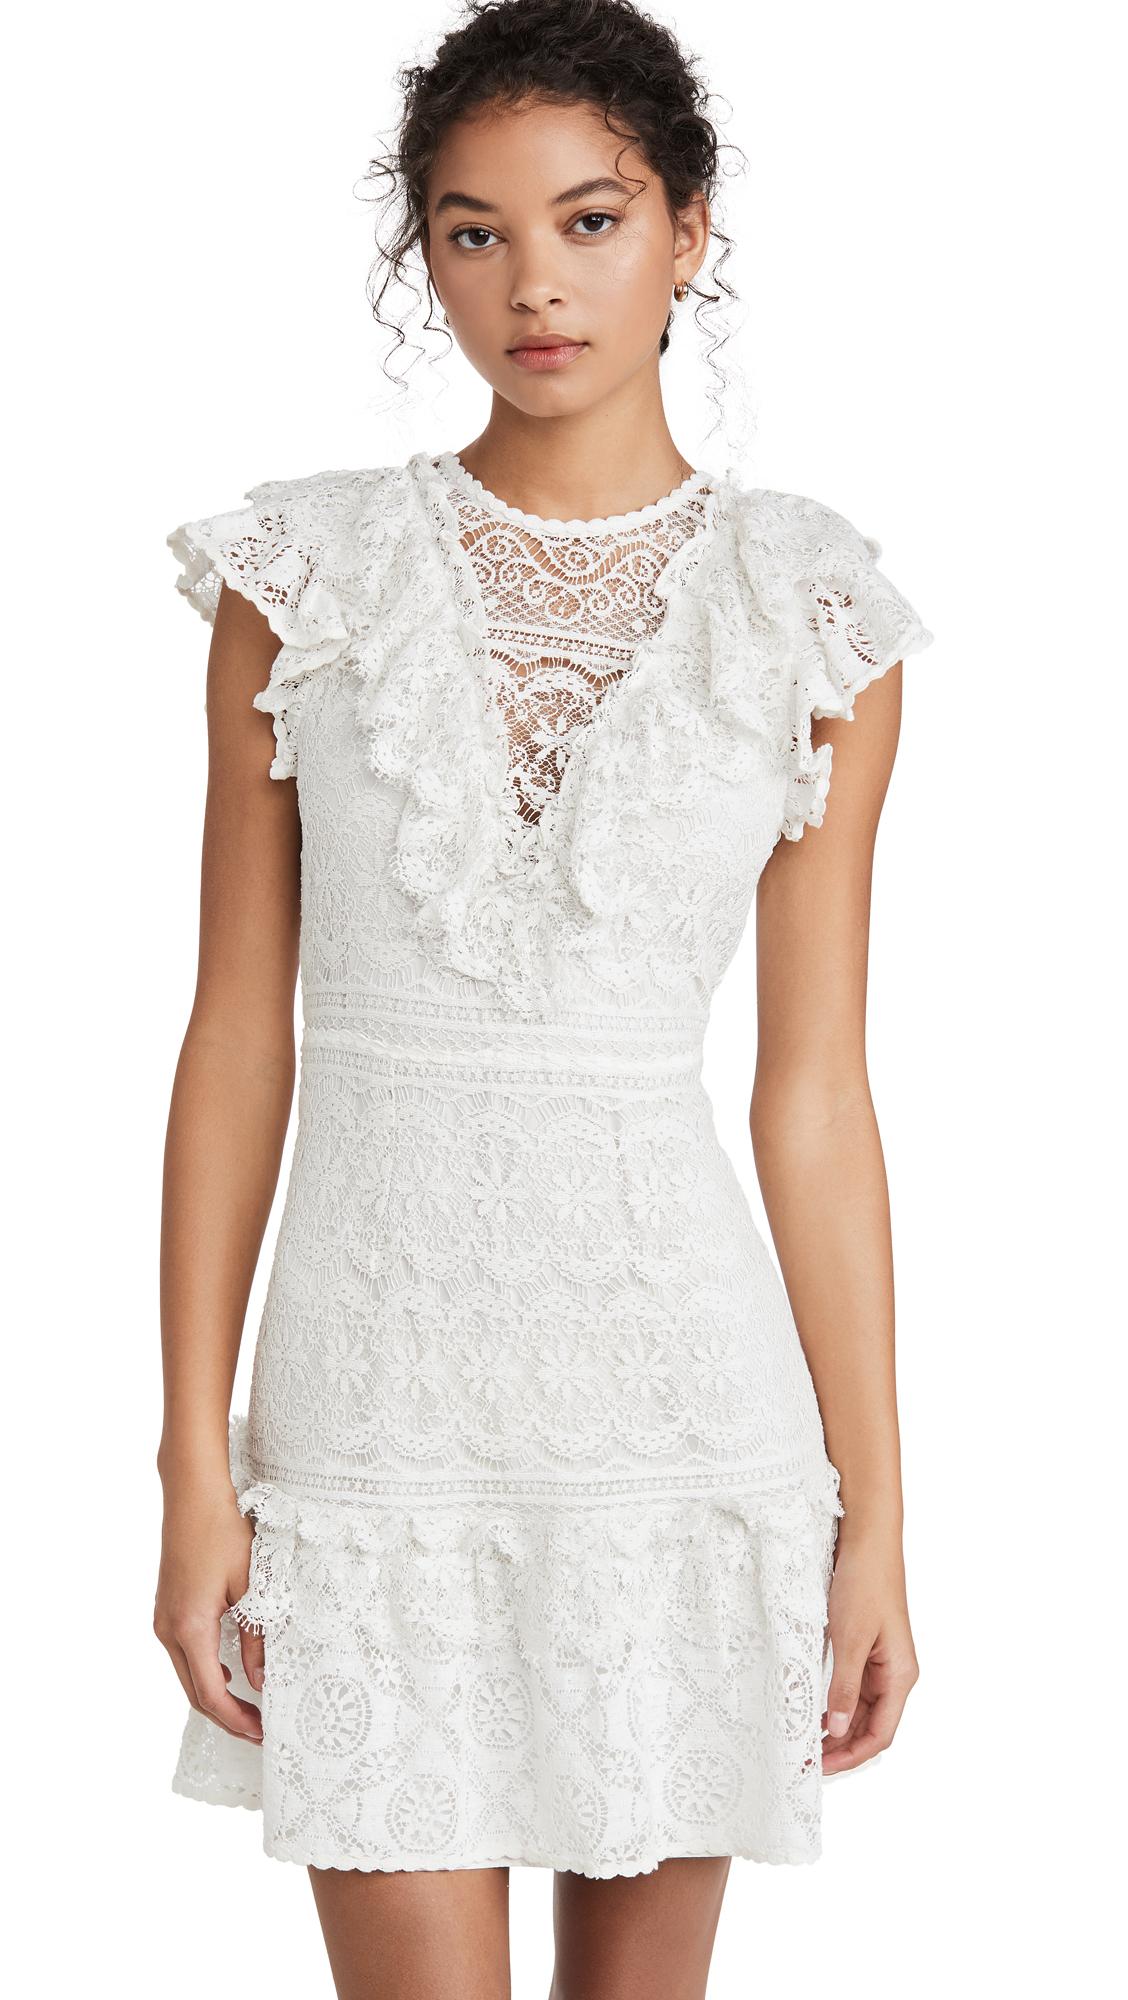 Saylor Maxie Dress - 30% Off Sale